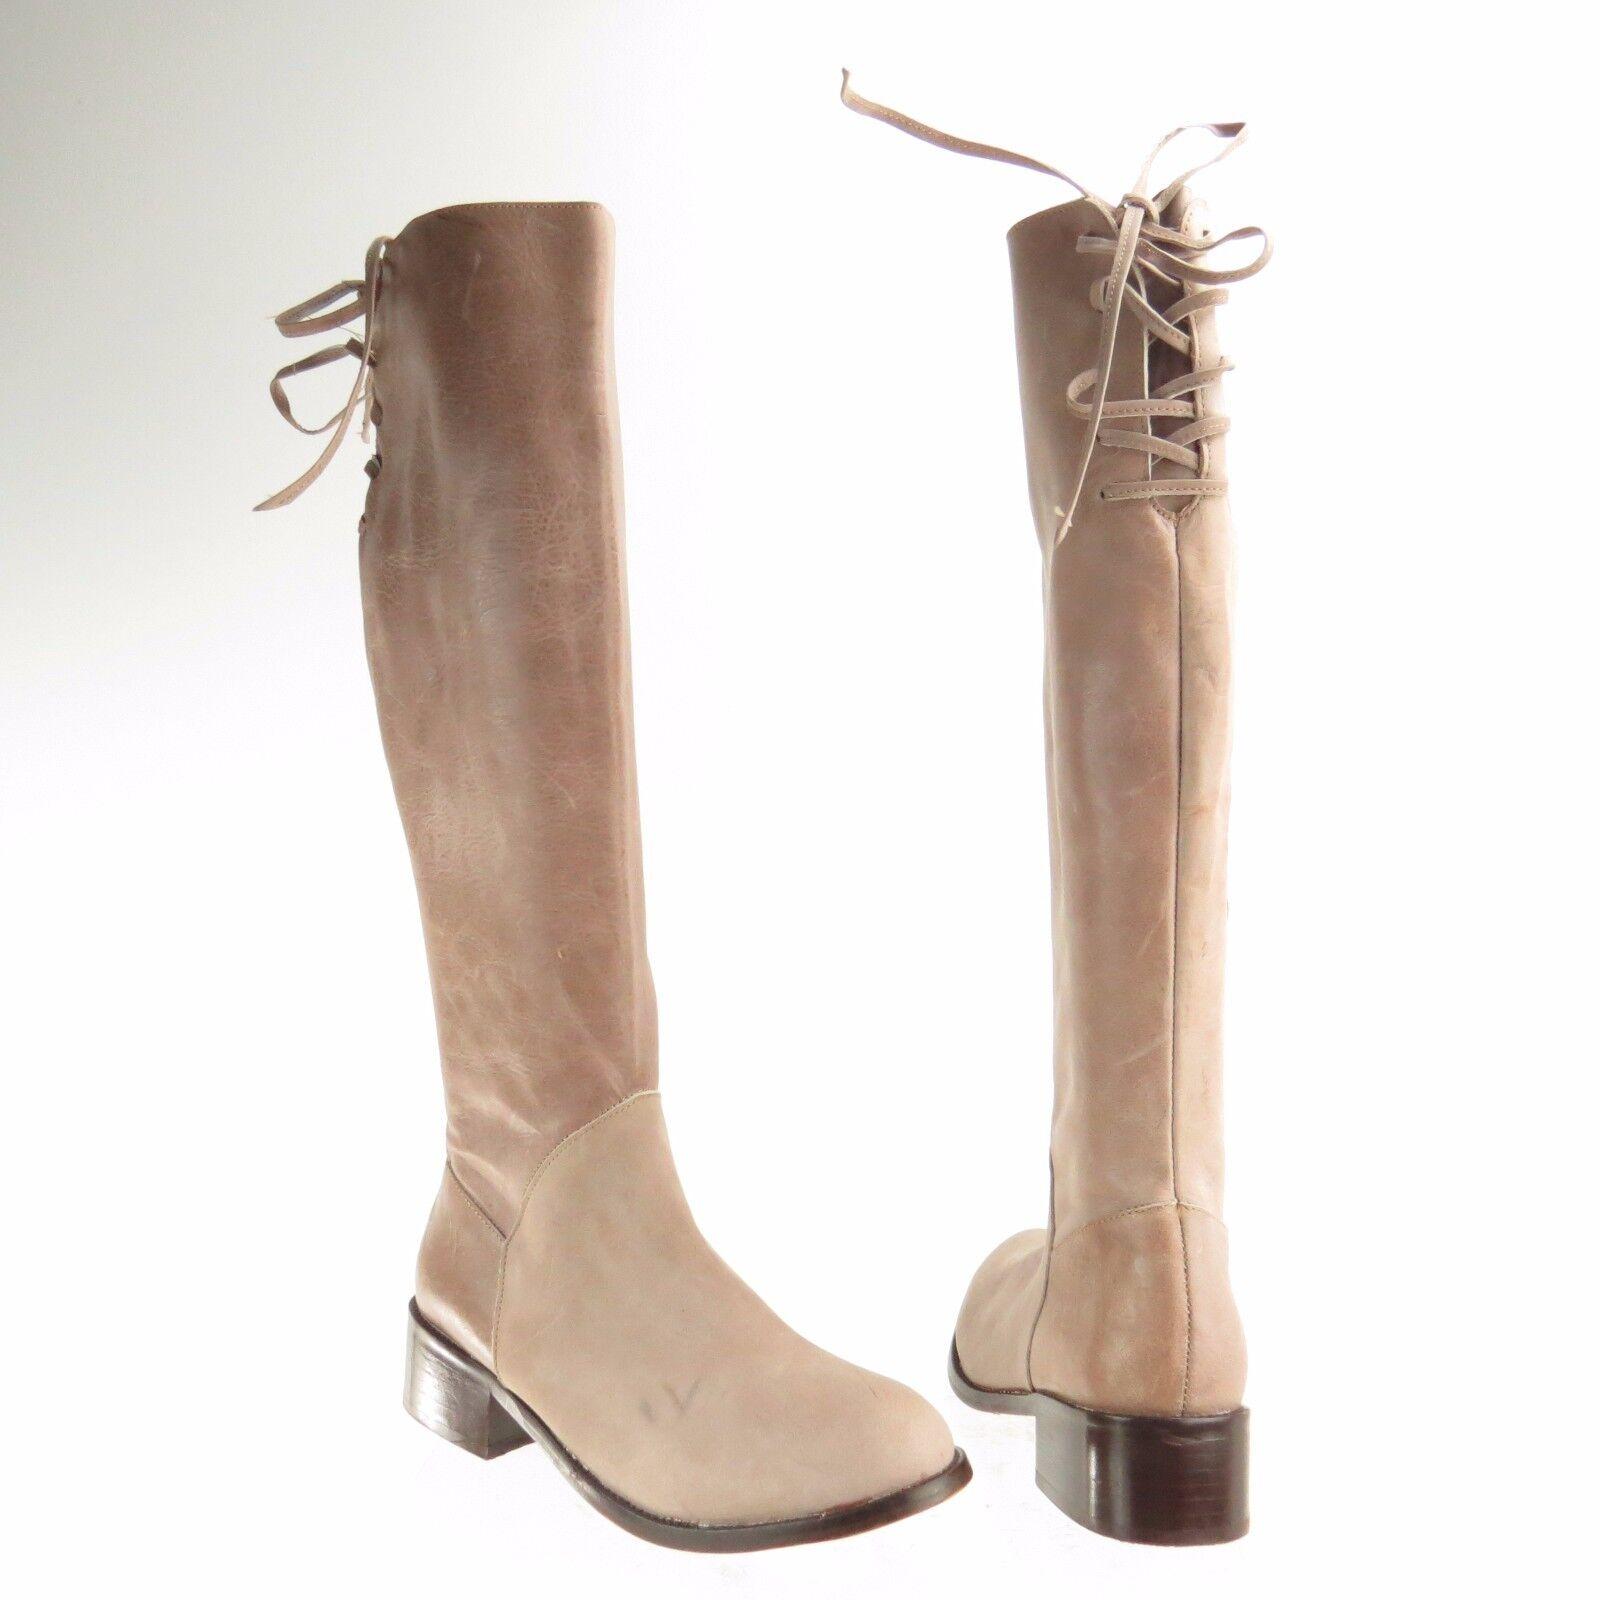 Damenschuhe Patron Perugia Stiefel Stina Schuhes Beige Leder Knee High Stiefel Sz 8 M NEU